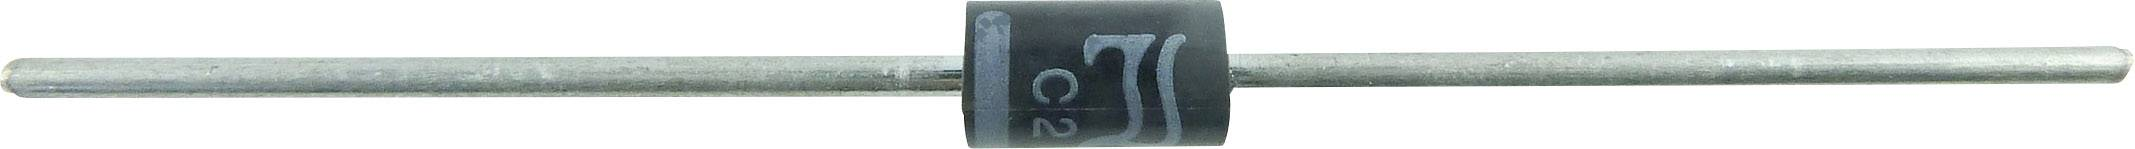 Křemíková usměrňovací dioda TRU COMPONENTS TC-1N5408, 1581853, DO-201 , 3 A, 1000 V